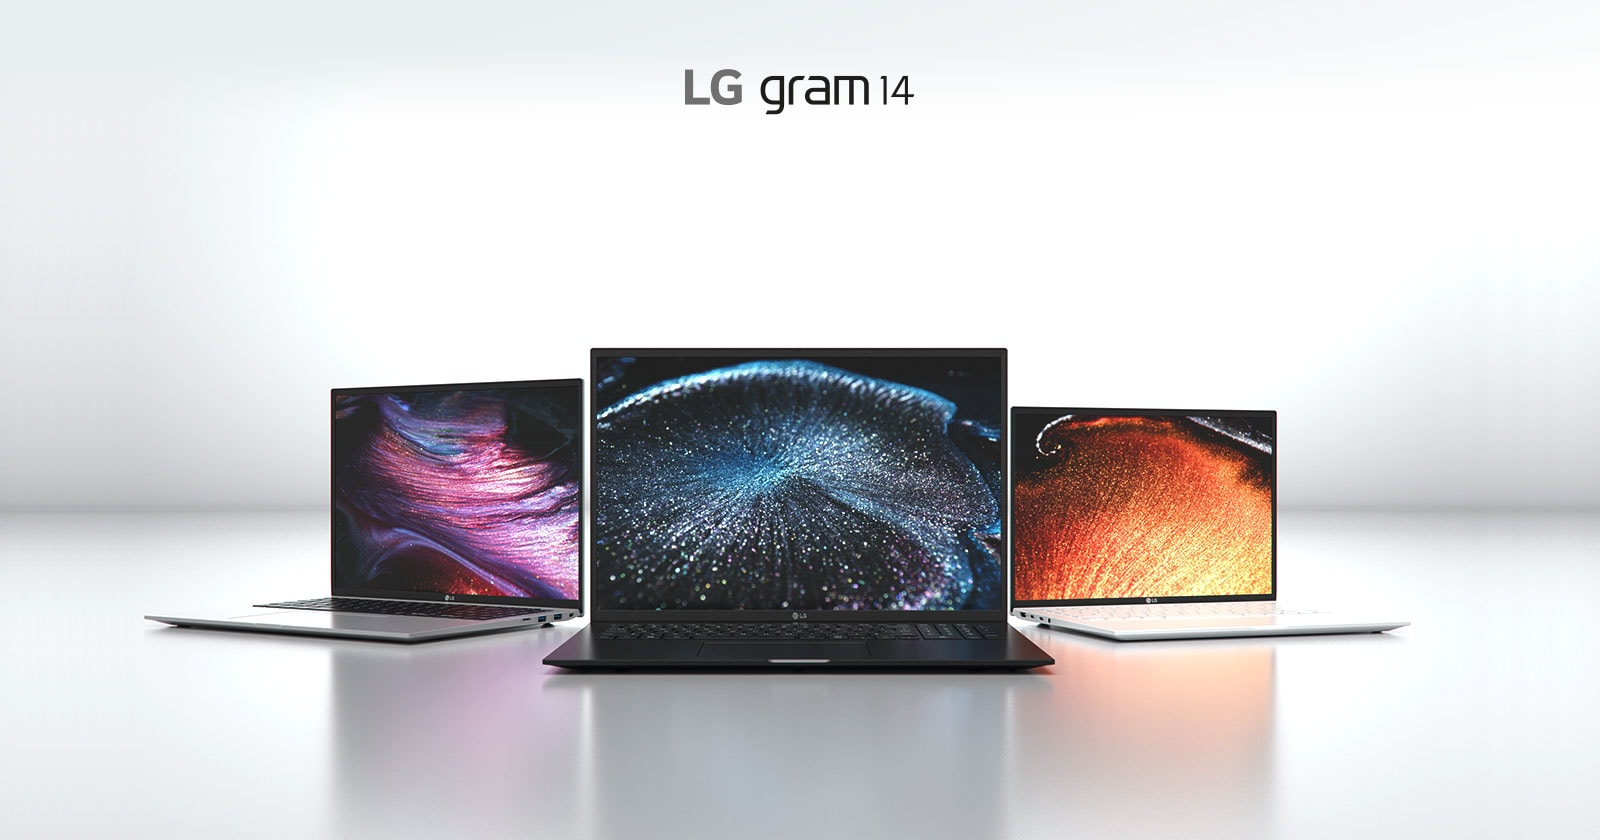 LG gram 14 oferuje pełną funkcjonalność i zachwyca lekkością